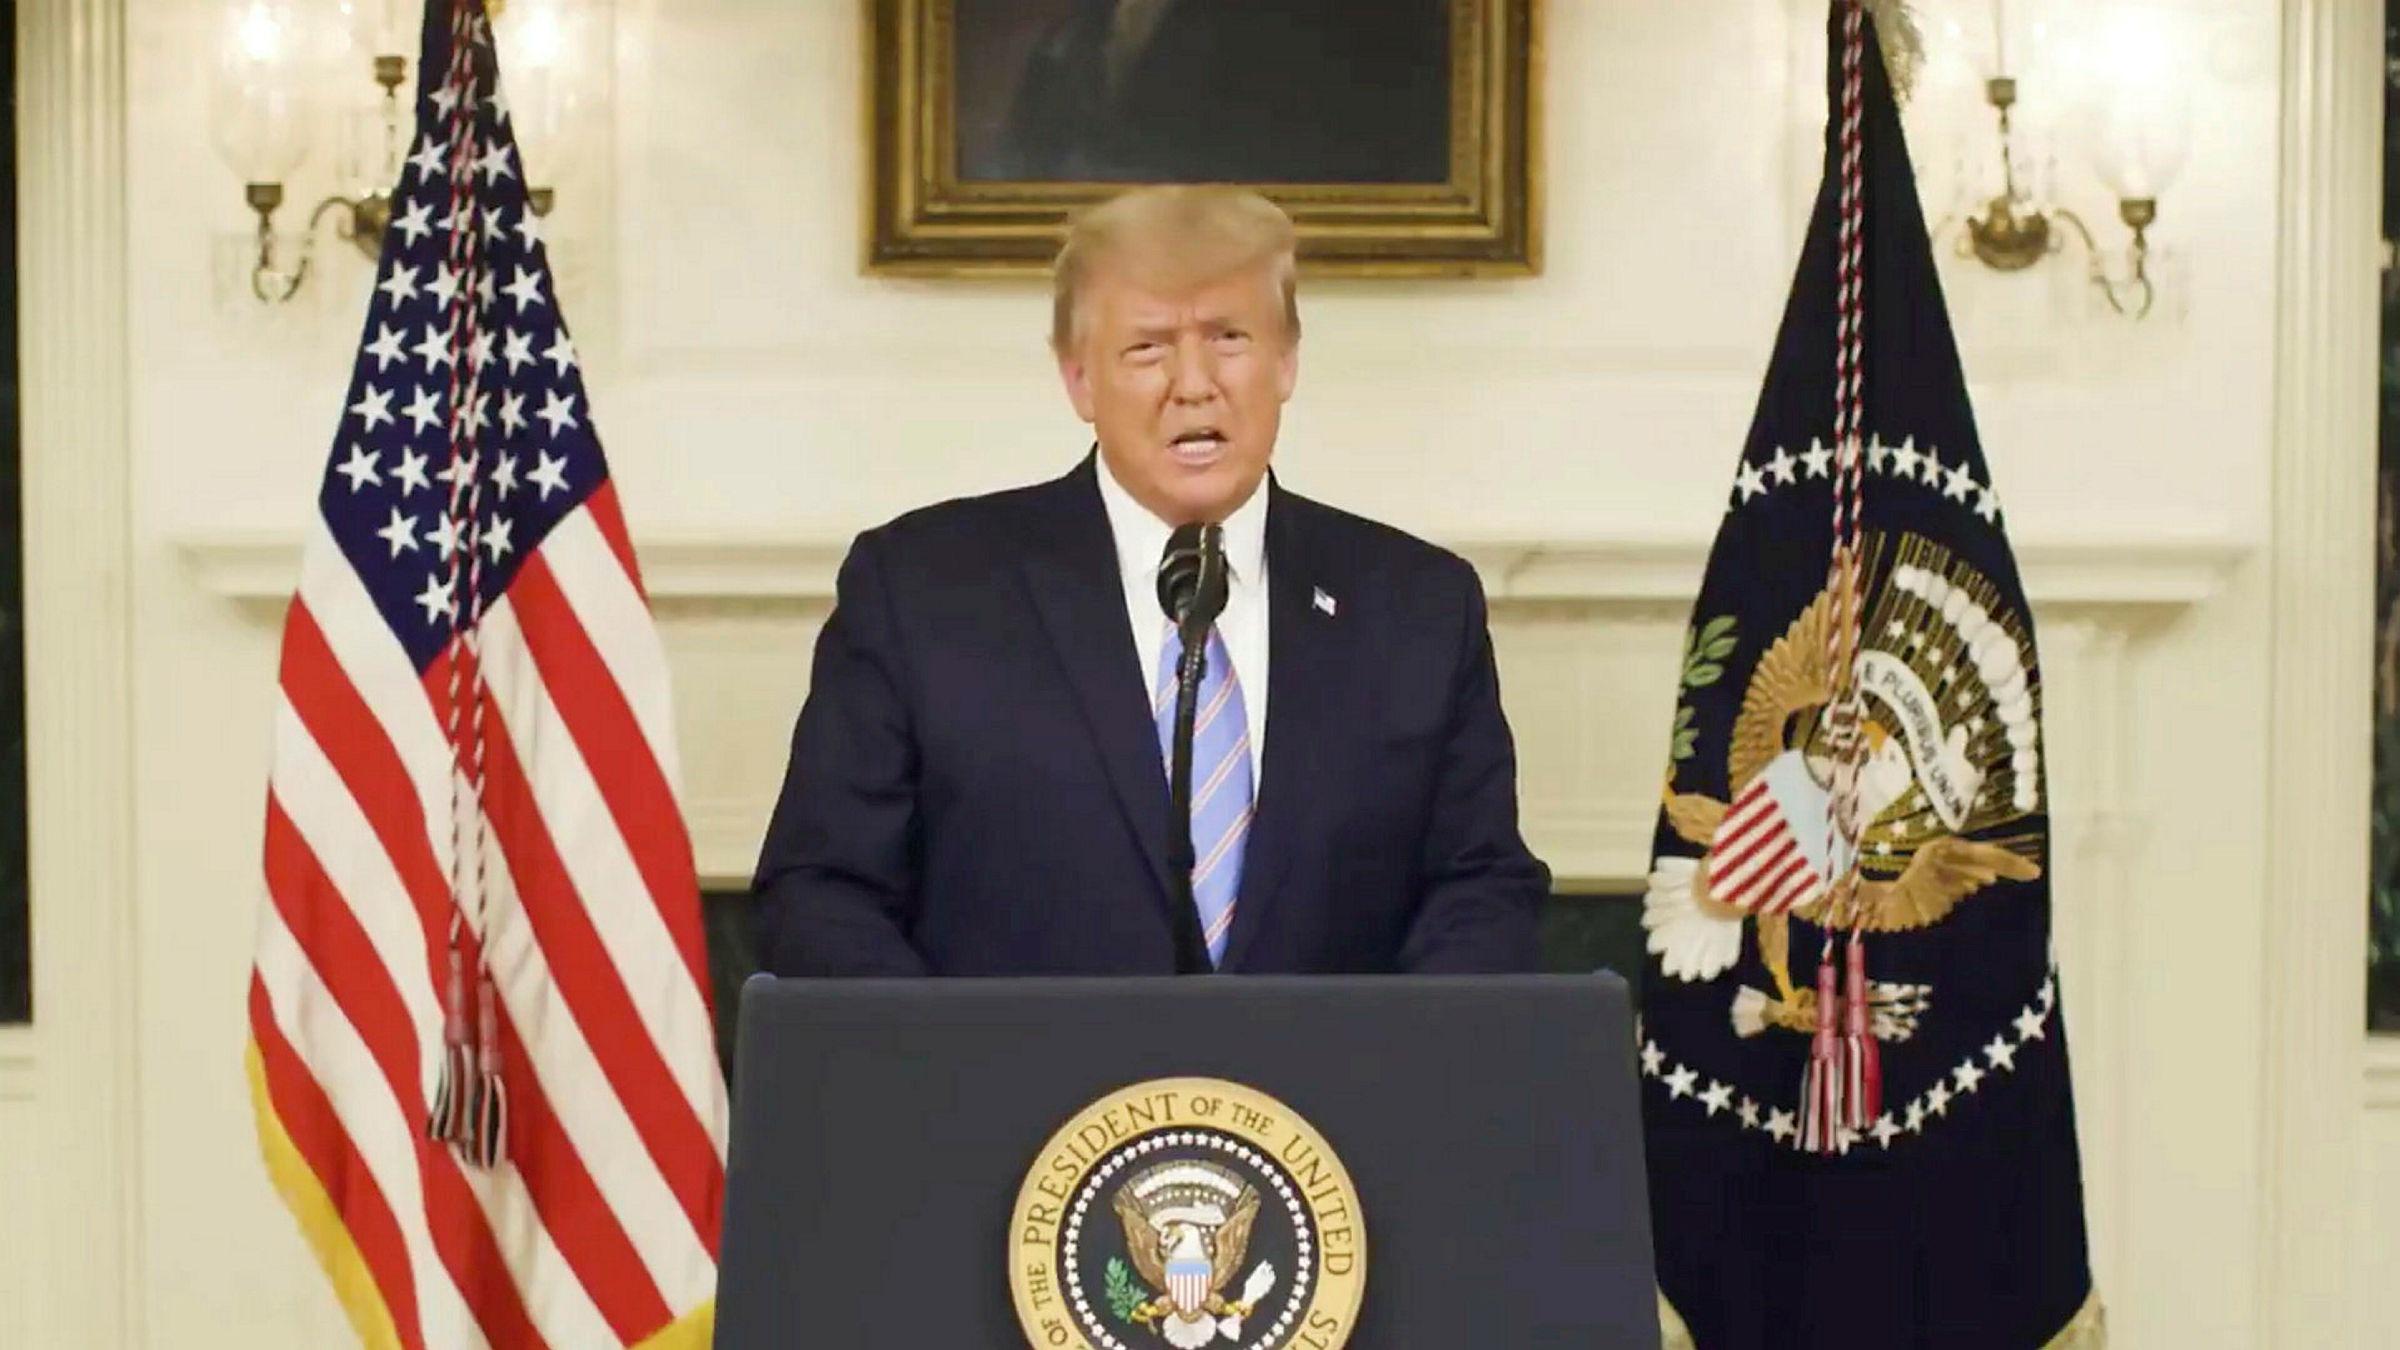 EE.UU.: Donald Trump admite la derrota y condenó los hechos violentos durante el asalto al Congreso